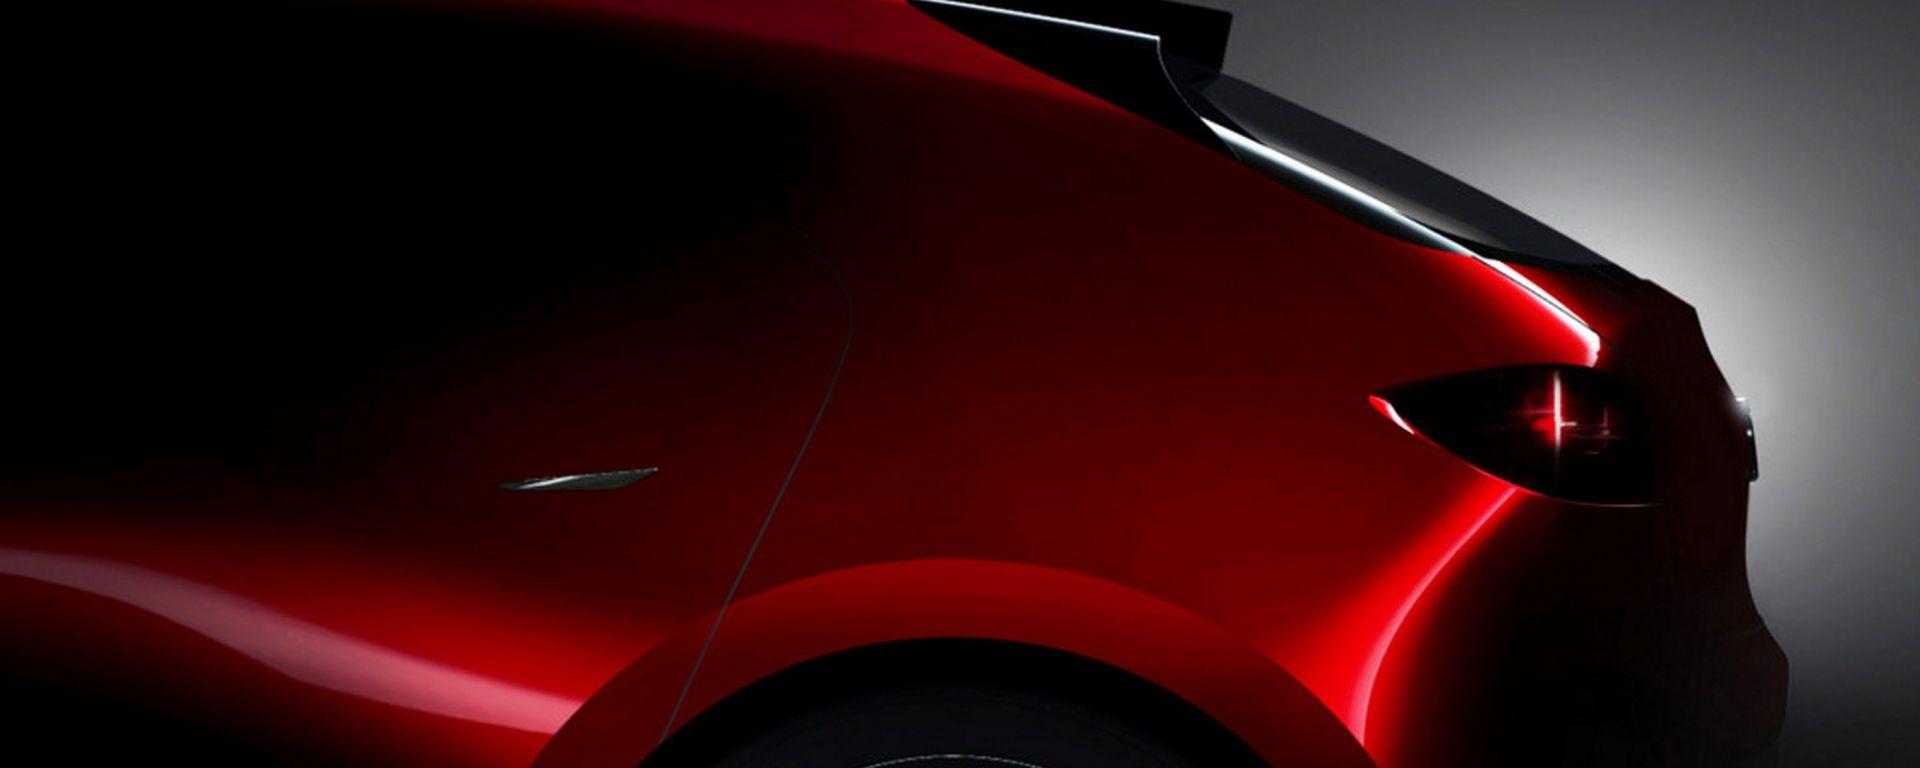 La nuova Mazda 3 arriverà in concessionaria nel 2019